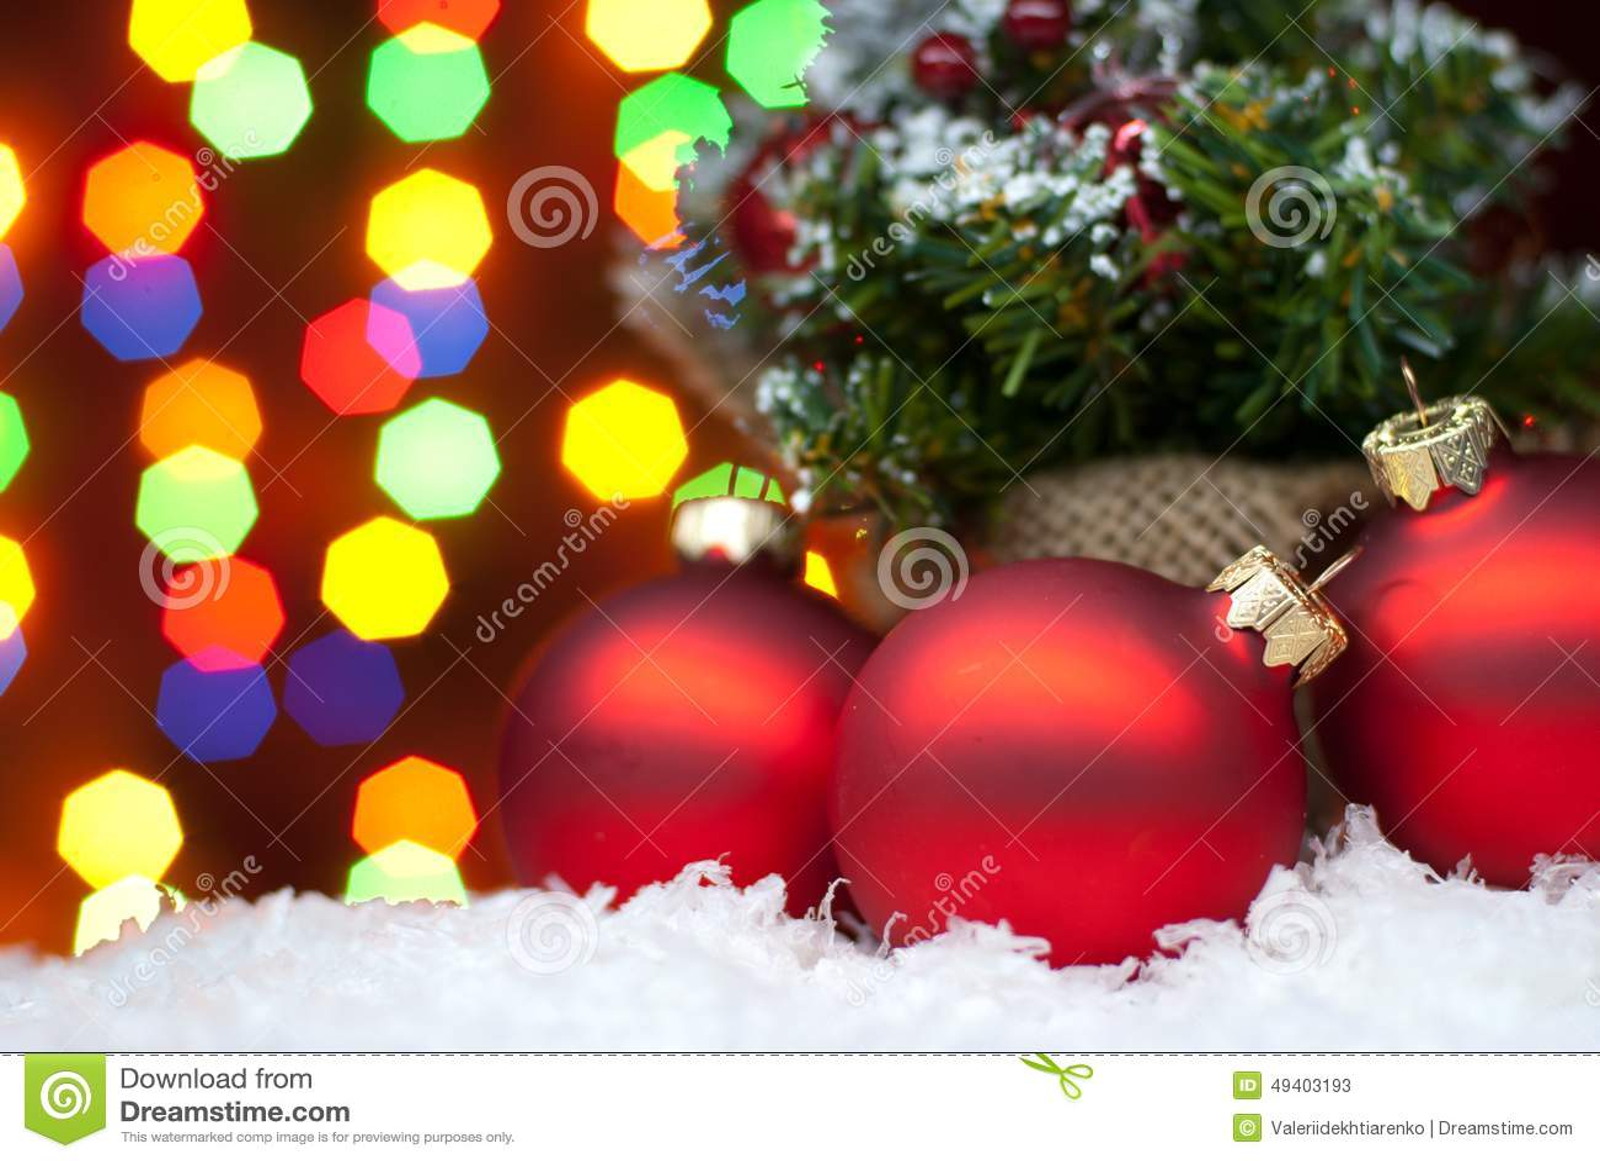 Download Weihnachten Spielt Im Schnee Mit Einem Weihnachtsbaum Mit Girlanden O Stockbild - Bild von vorabend, nacht: 49403193